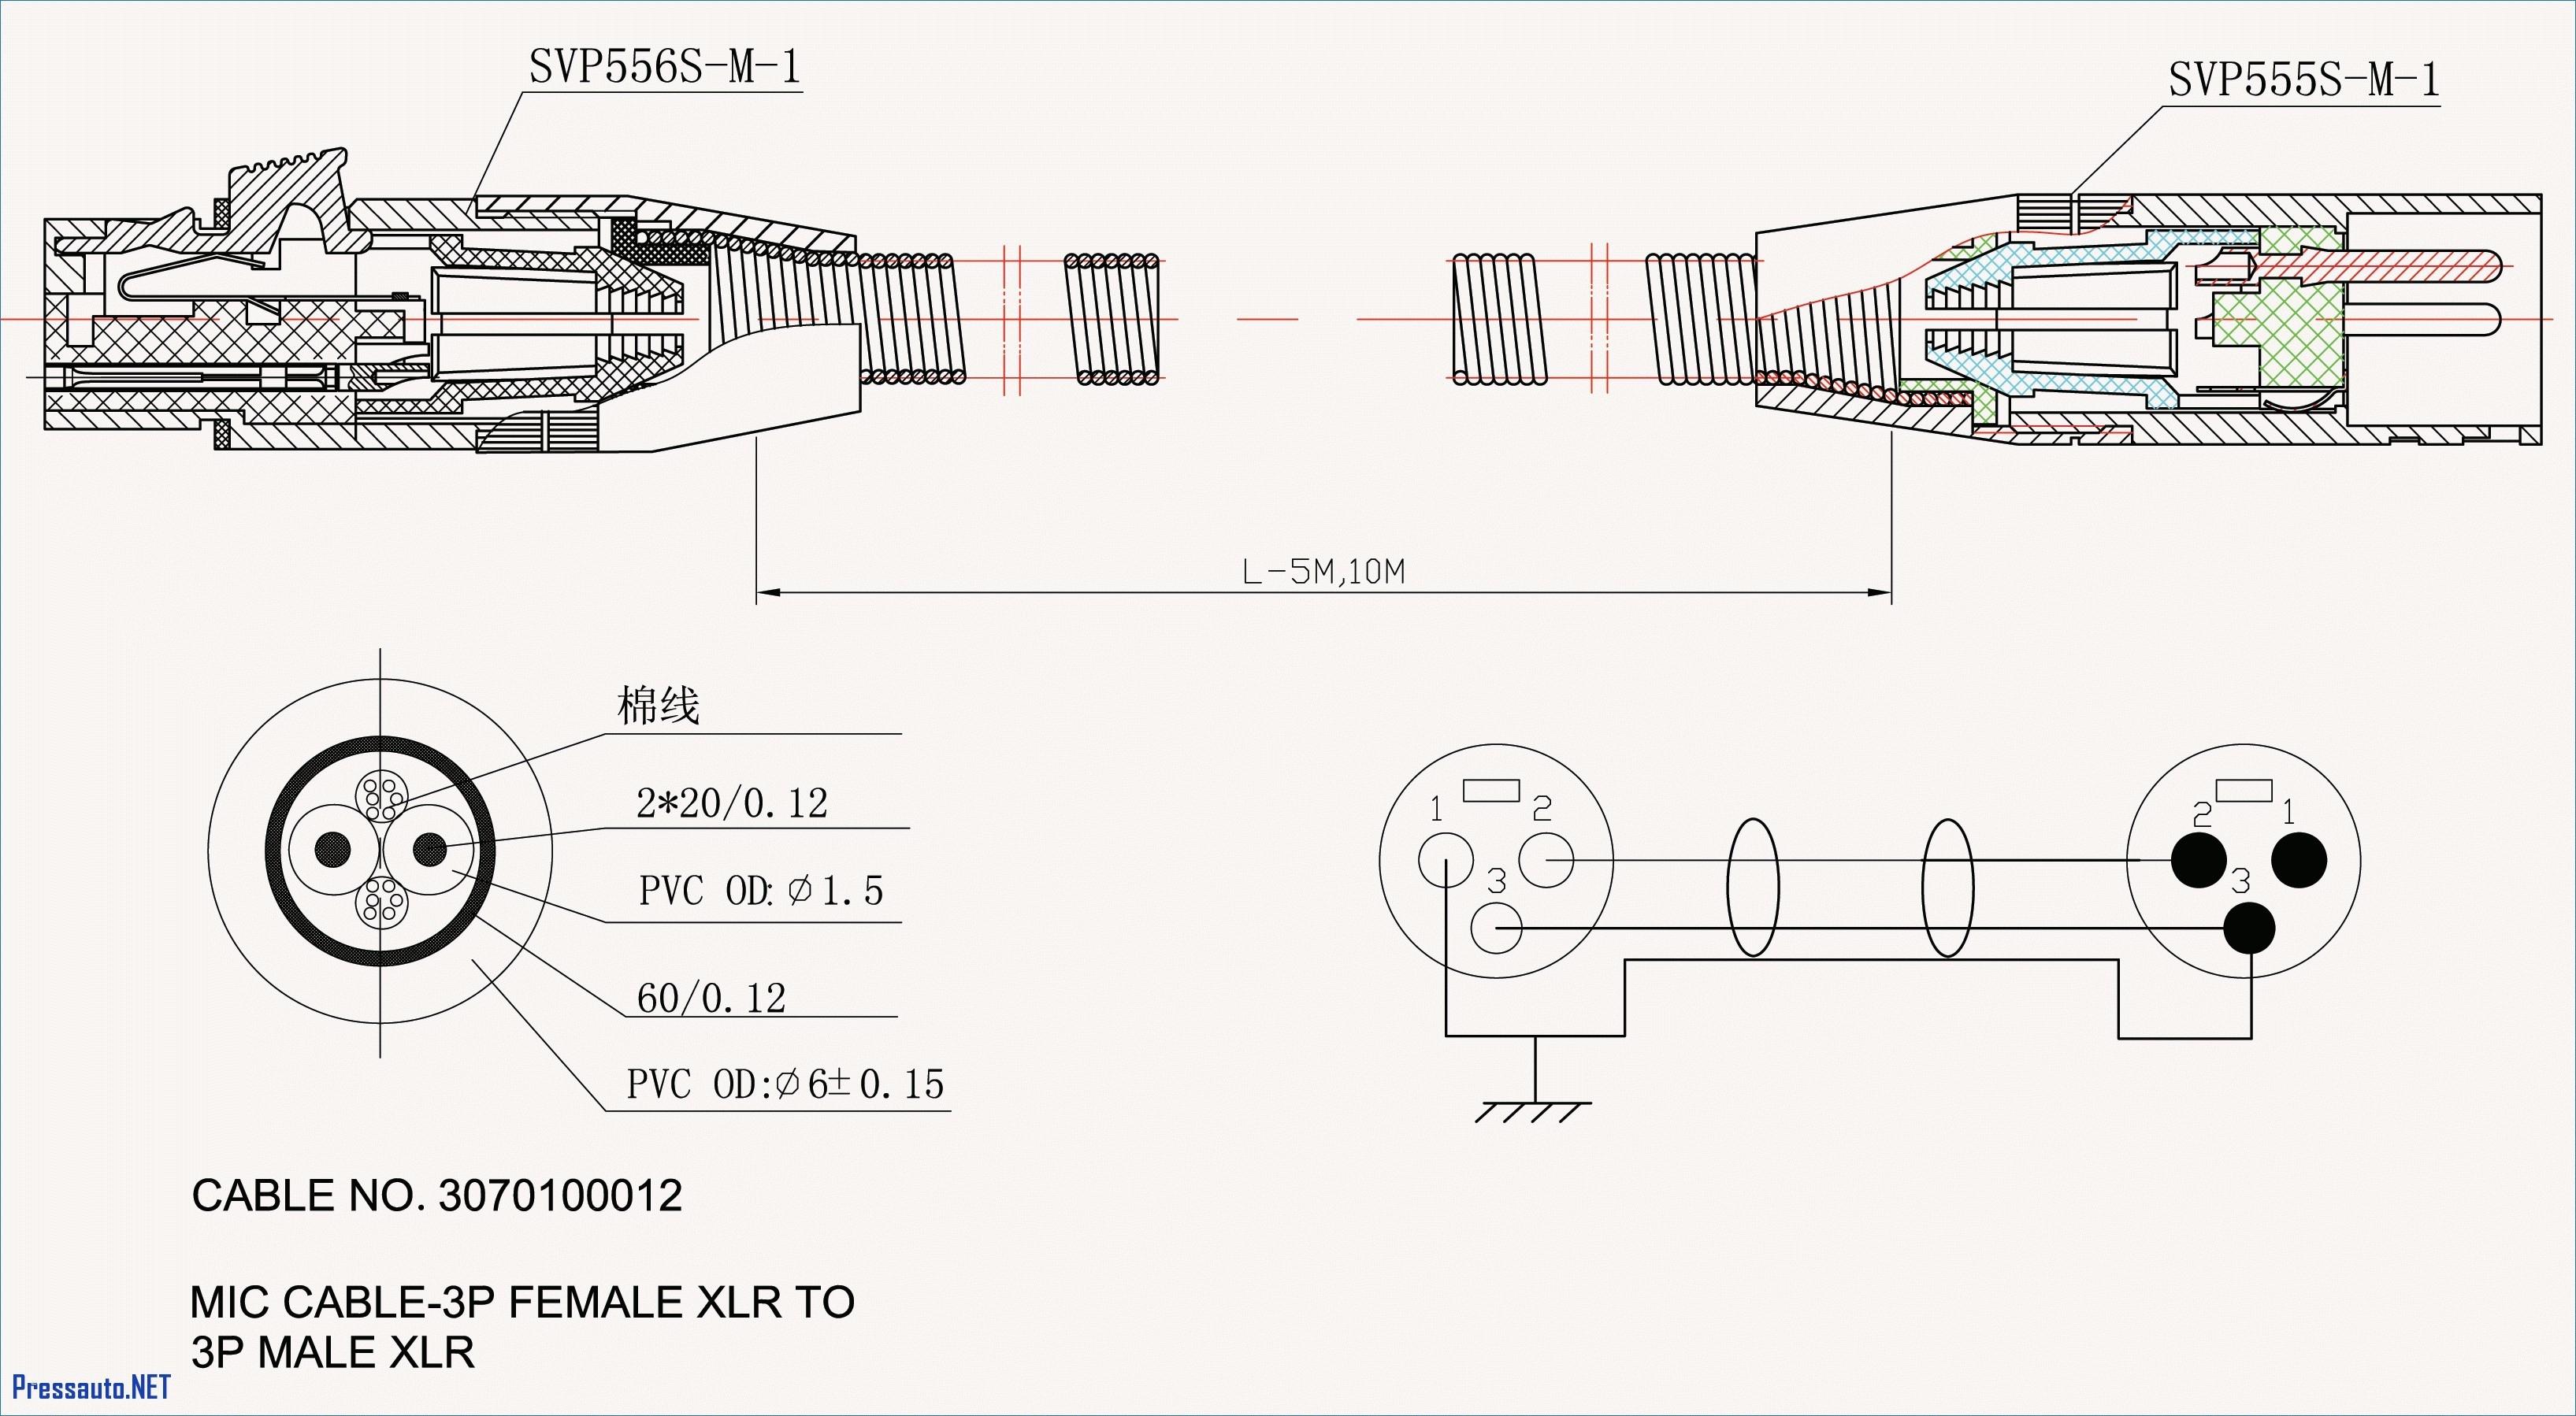 6 Pin Cdi Wiring Diagram Lovely Ct110 Wiring Diagram Collection - 5 Pin Cdi Box Wiring Diagram